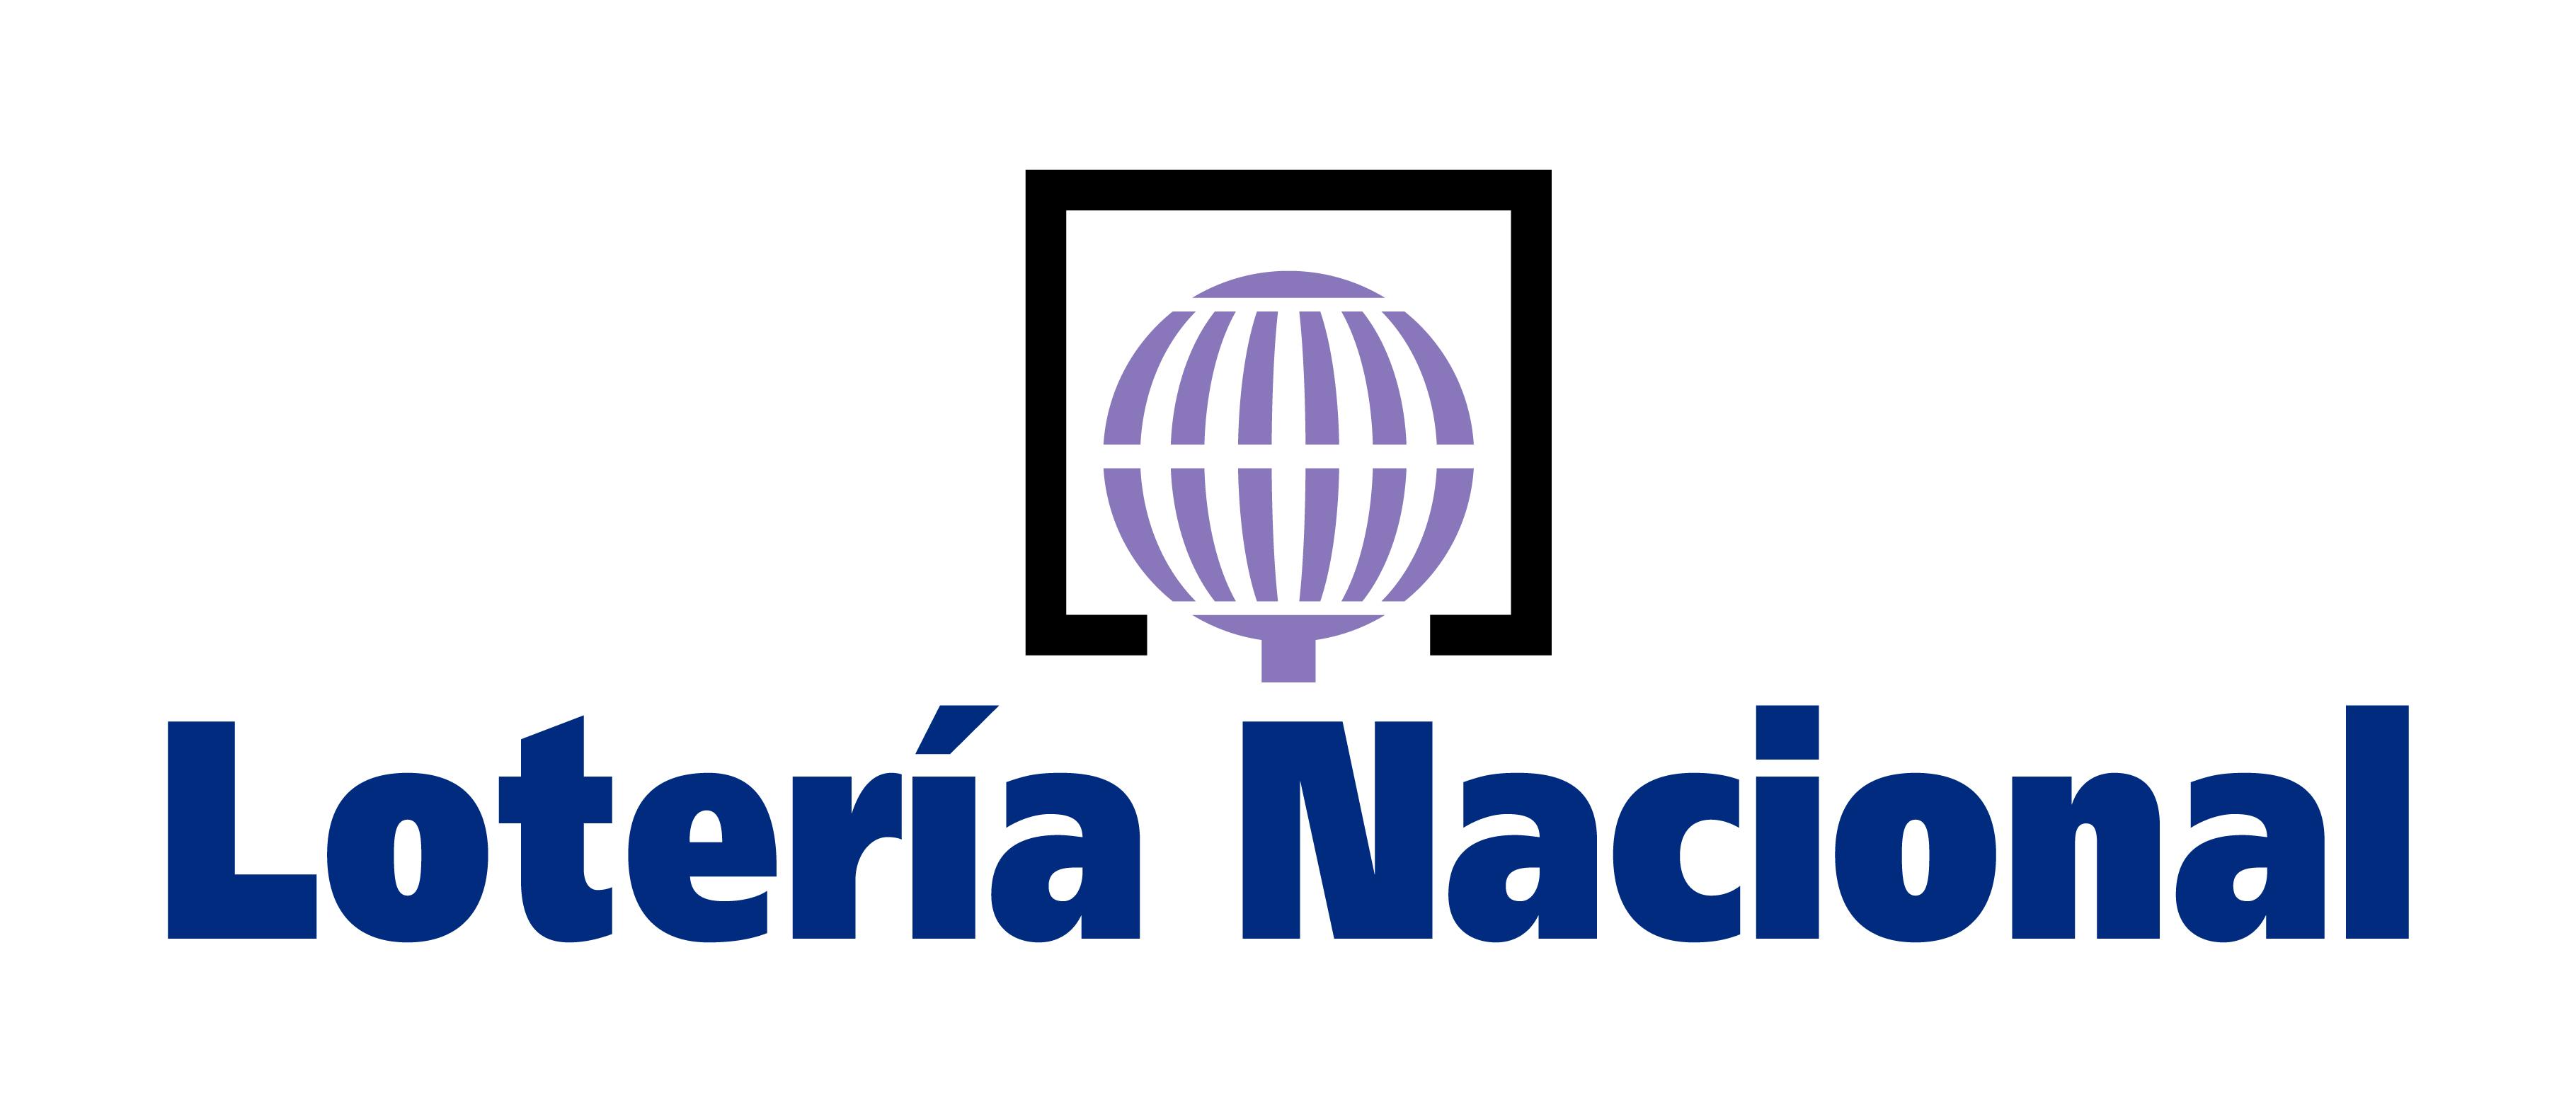 Logotip de la Lotería Nacional